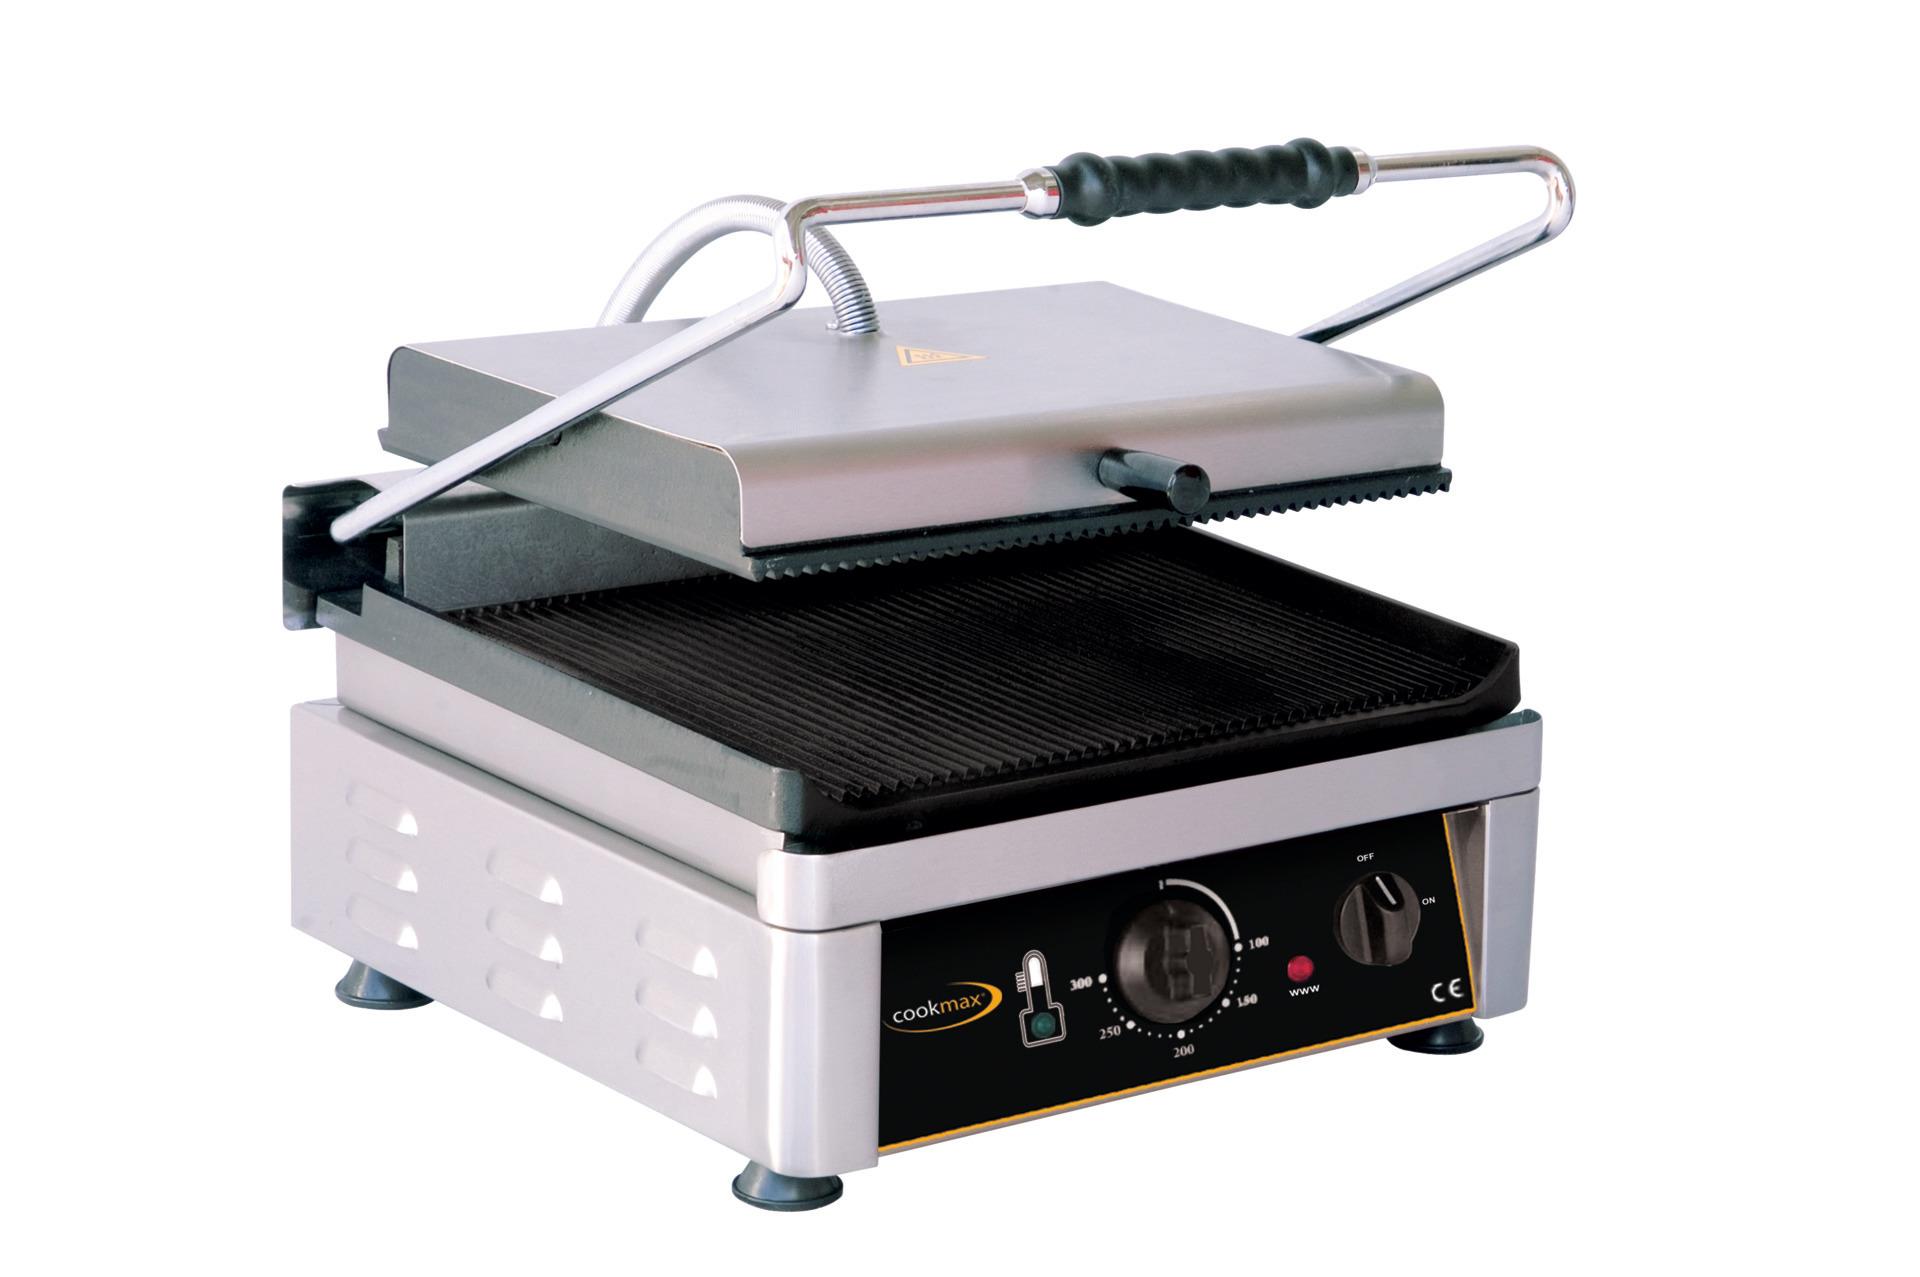 Elektro-Kontaktgrill oben + unten gerillt 410 x 500 x 300 mm